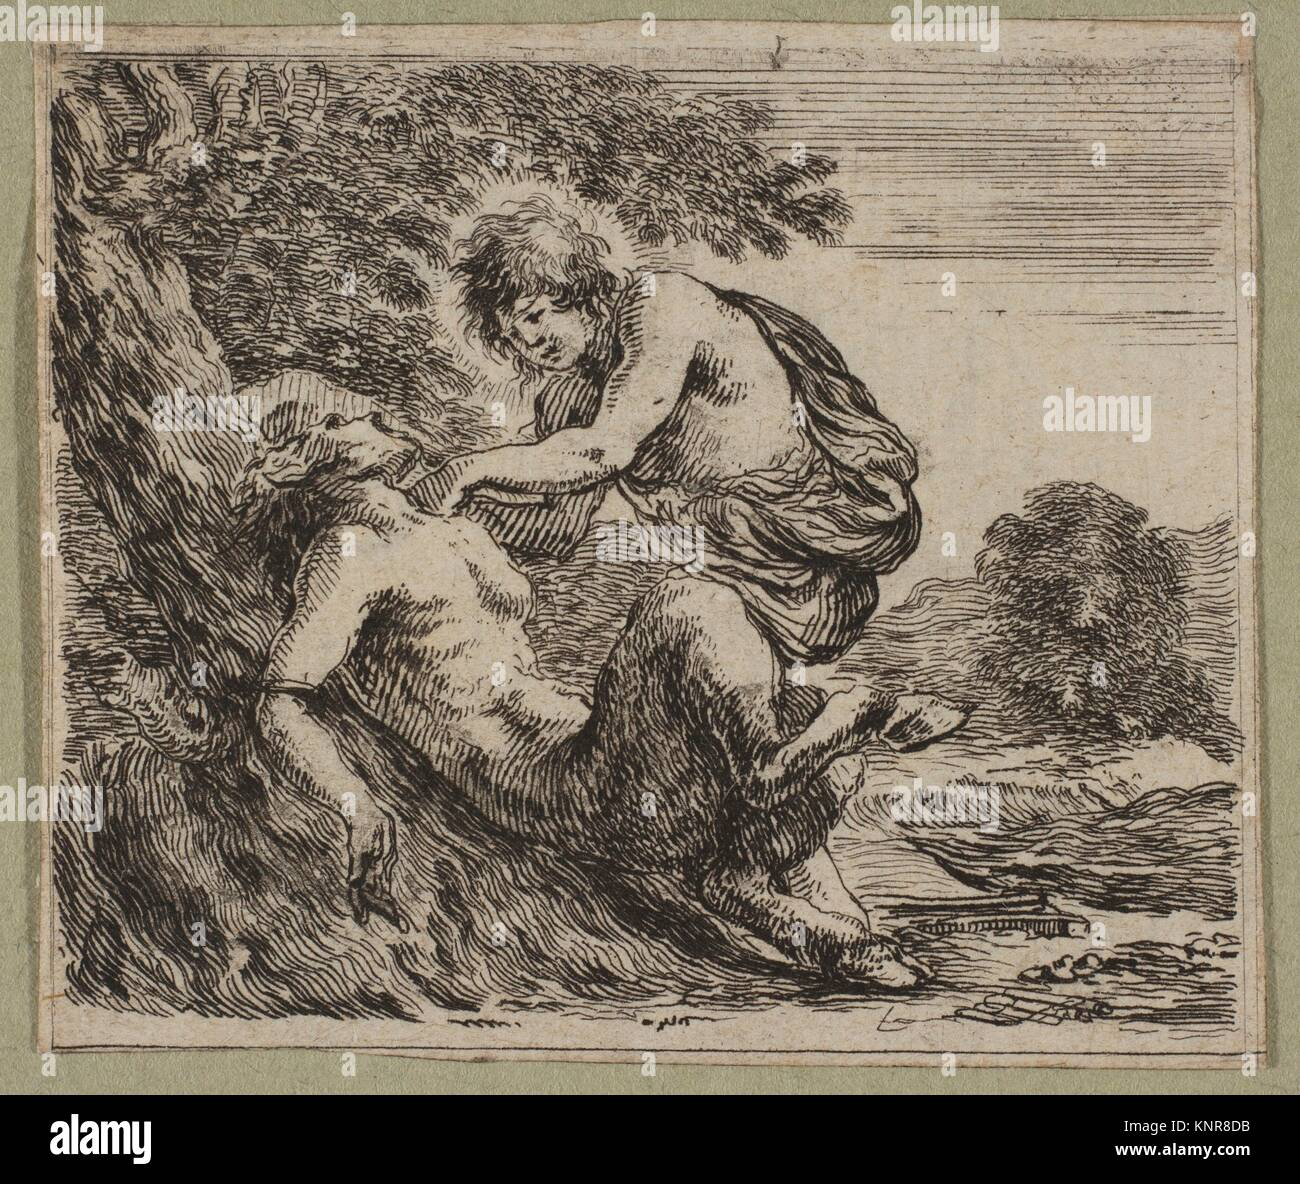 Image De Apollon apollon et marsyas. series/portfolio: jeu de la mythologie; artist